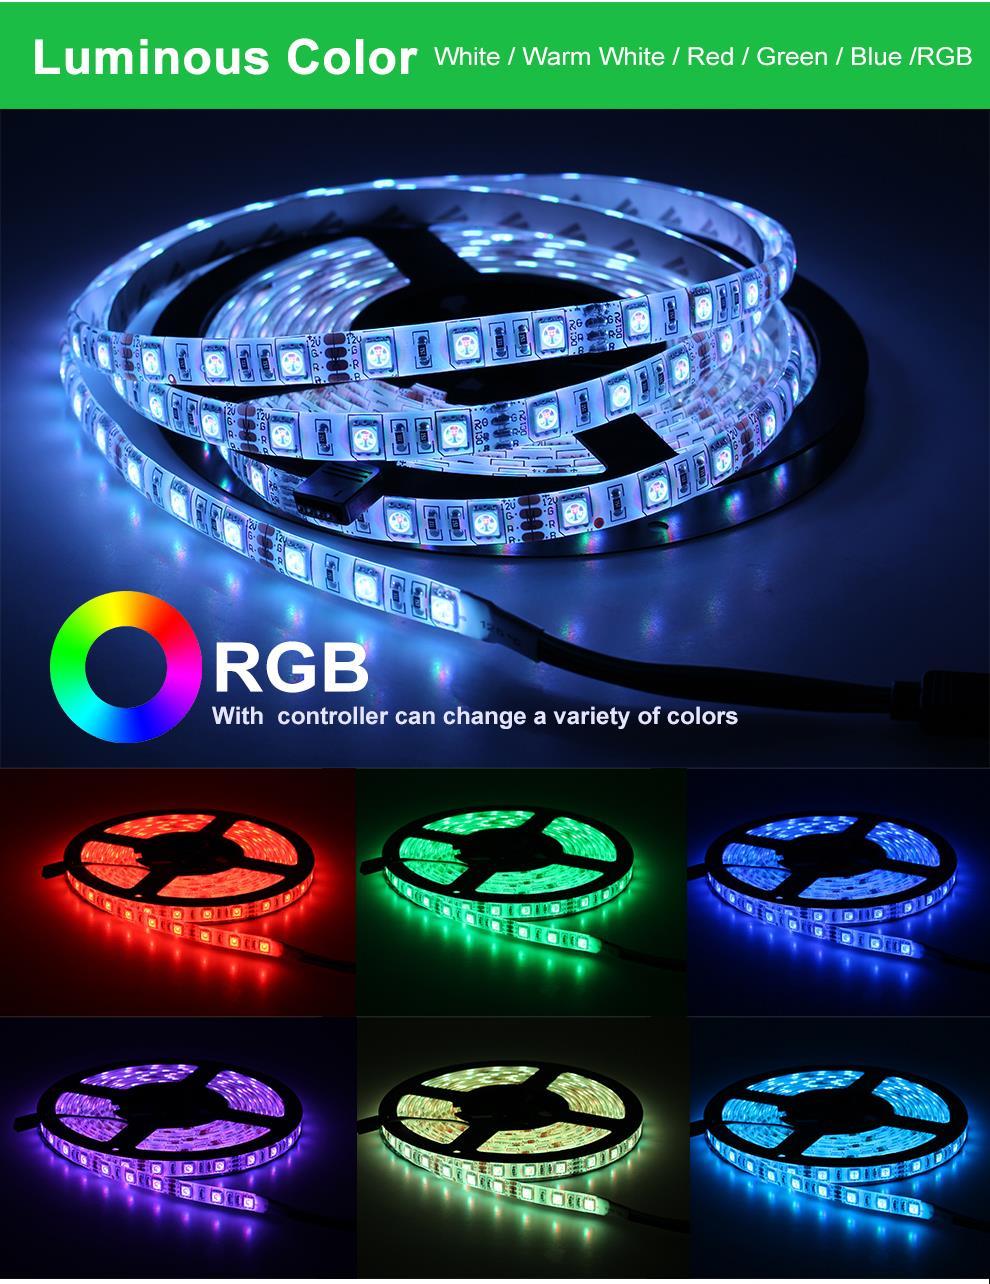 HTB1heiPPSzqK1RjSZFpq6ykSXXa7 RGB LED Strip Light 5050 2835 DC12V Neon Ribbon Waterproof Flexible LED Diode Tape 60LEDs/m 5M 12V LED Strip for Home Decoration